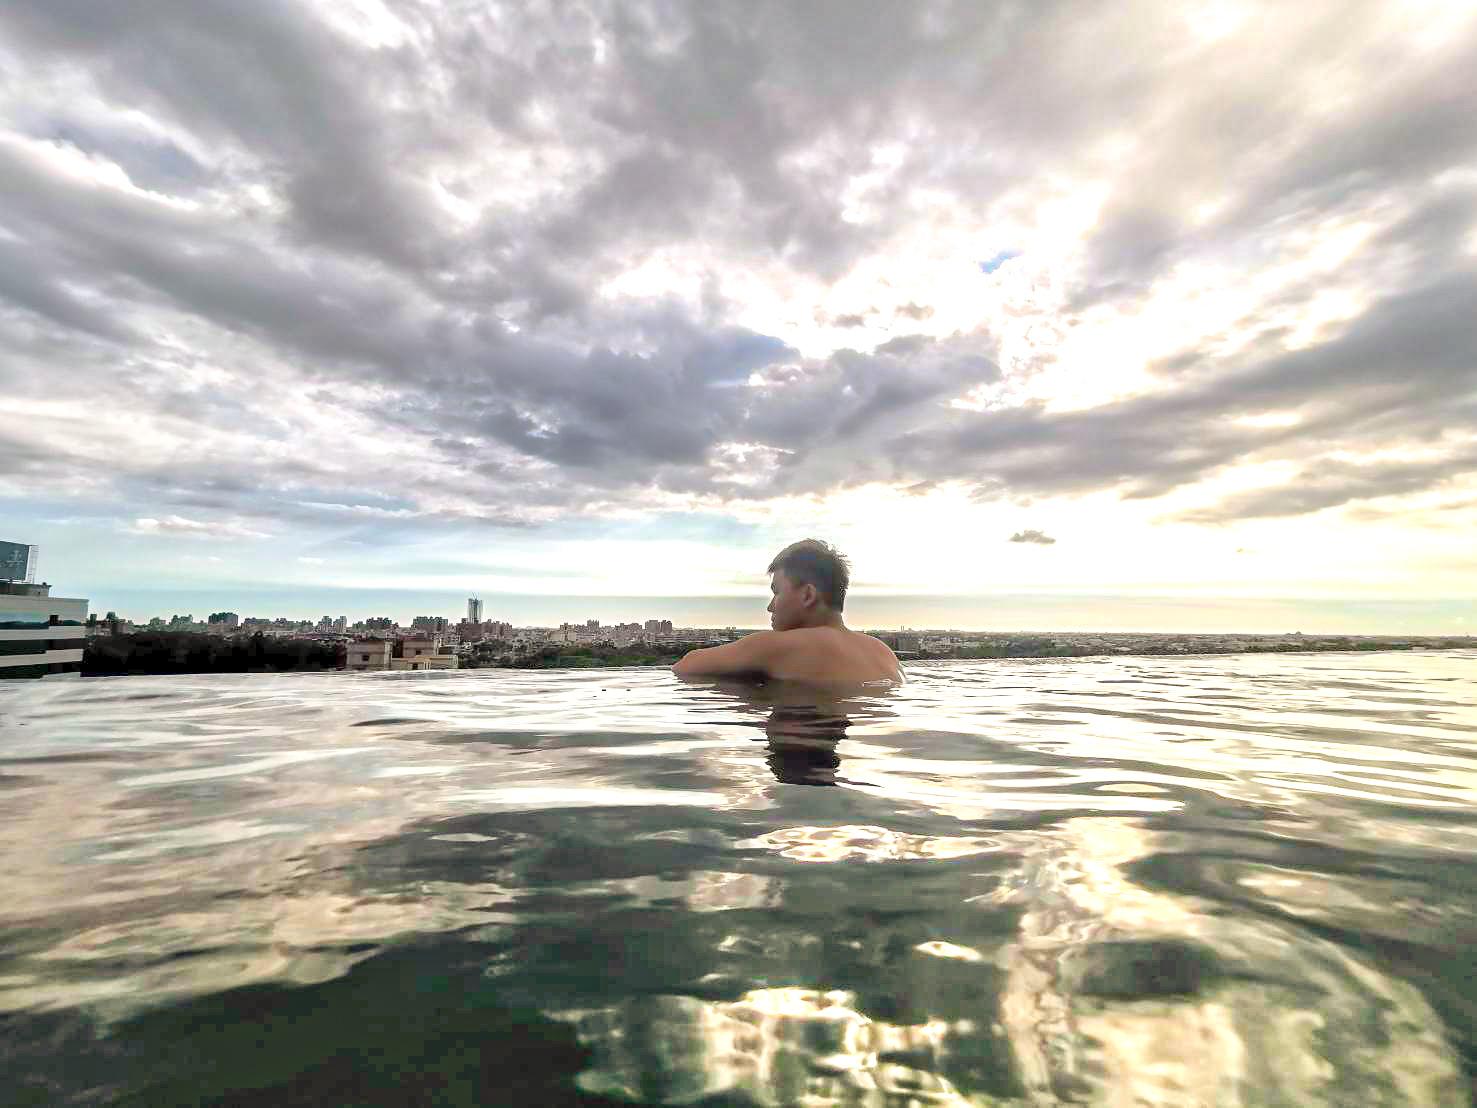 嘉義住宿。承億文旅–桃城茶樣子 嘉義市景無邊際泳池,泳池邊星空酒吧,與茶共澡的假期